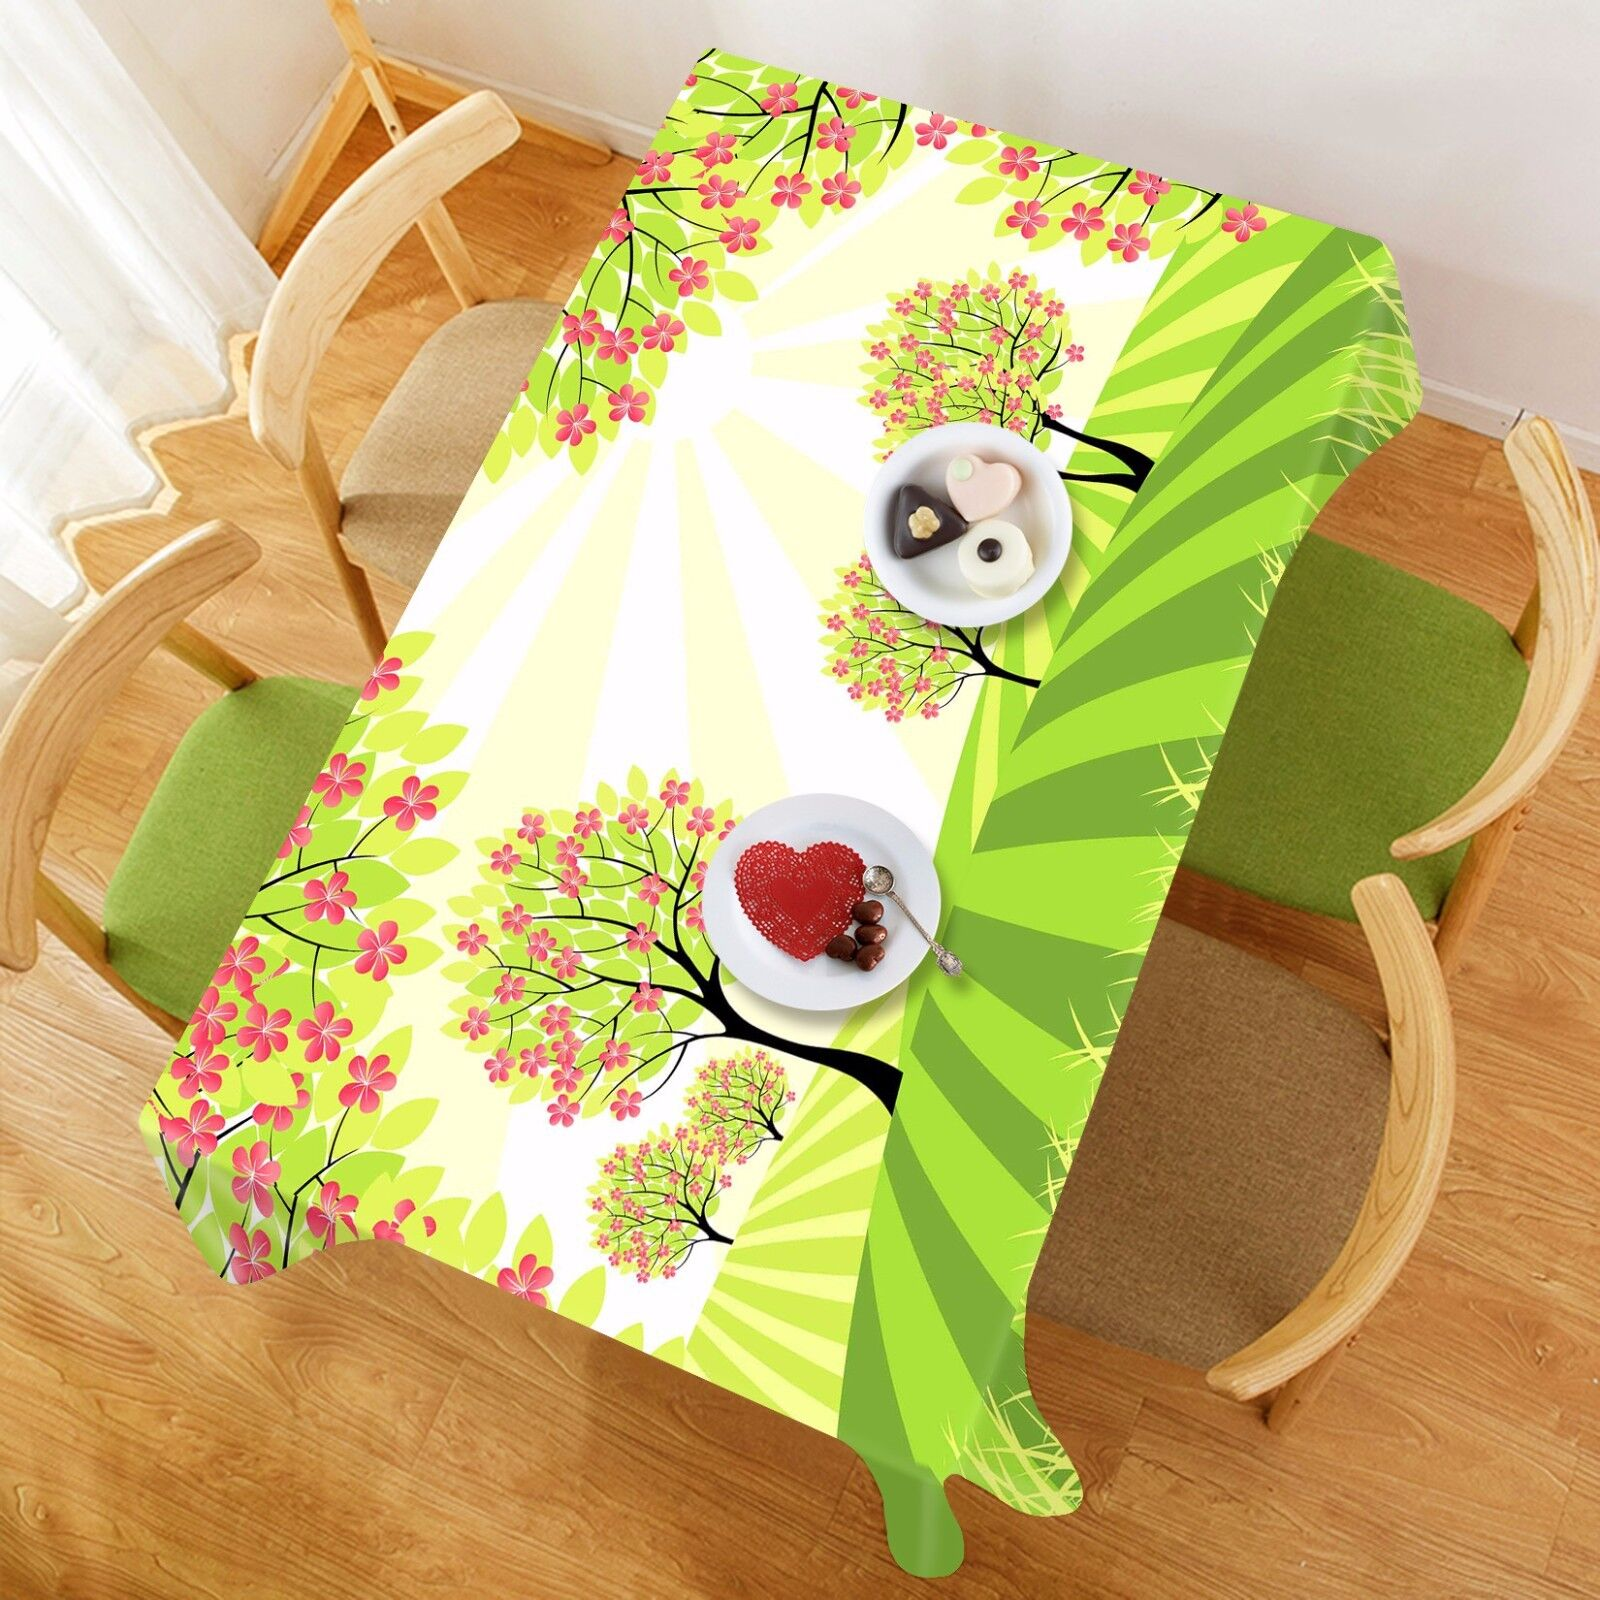 3D Arbre Pelouse 53 Nappe Table Cover Cloth Fête D'Anniversaire événement AJ papier peint UK